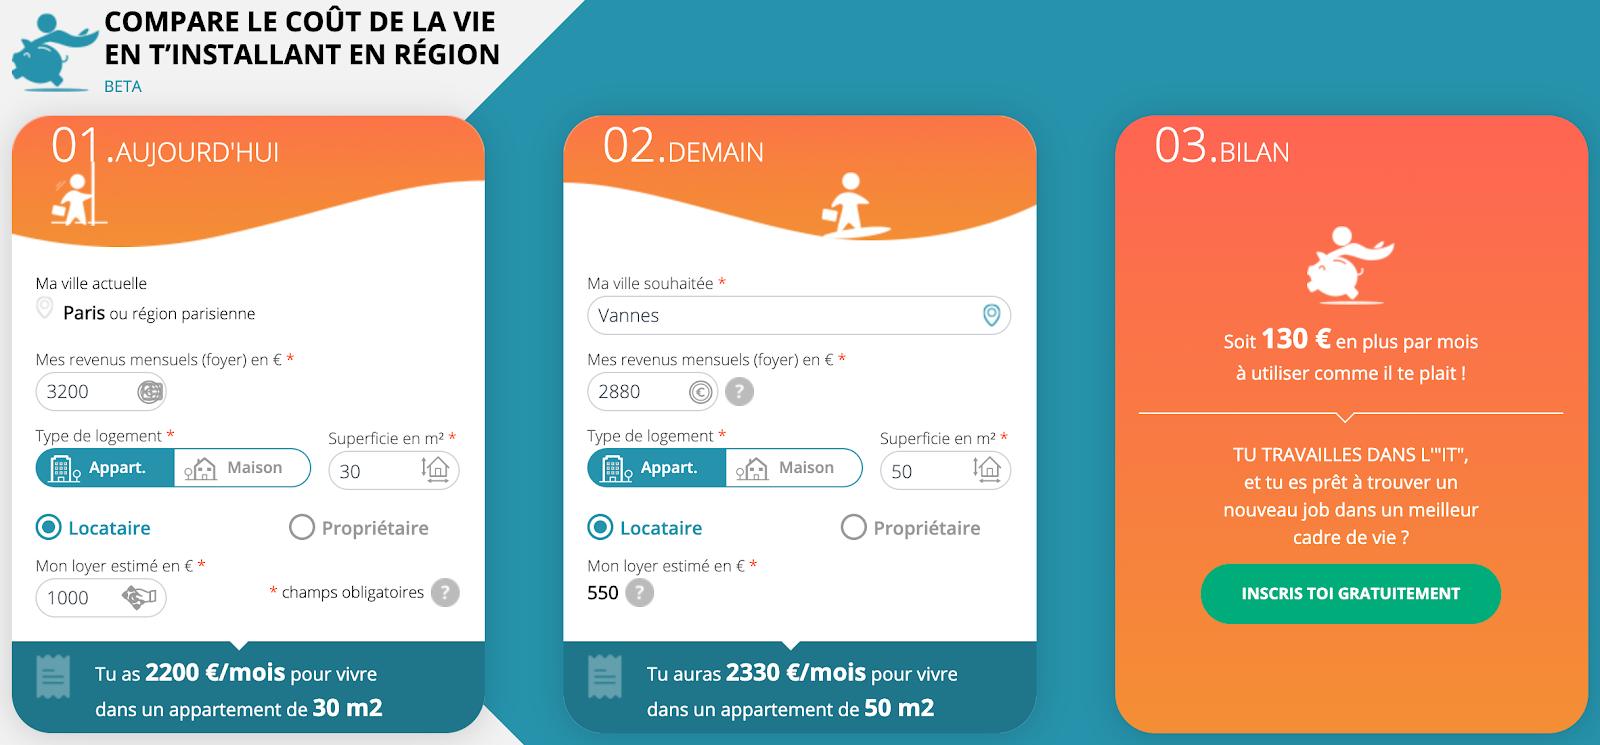 Comparateur coût de la vie Paris province